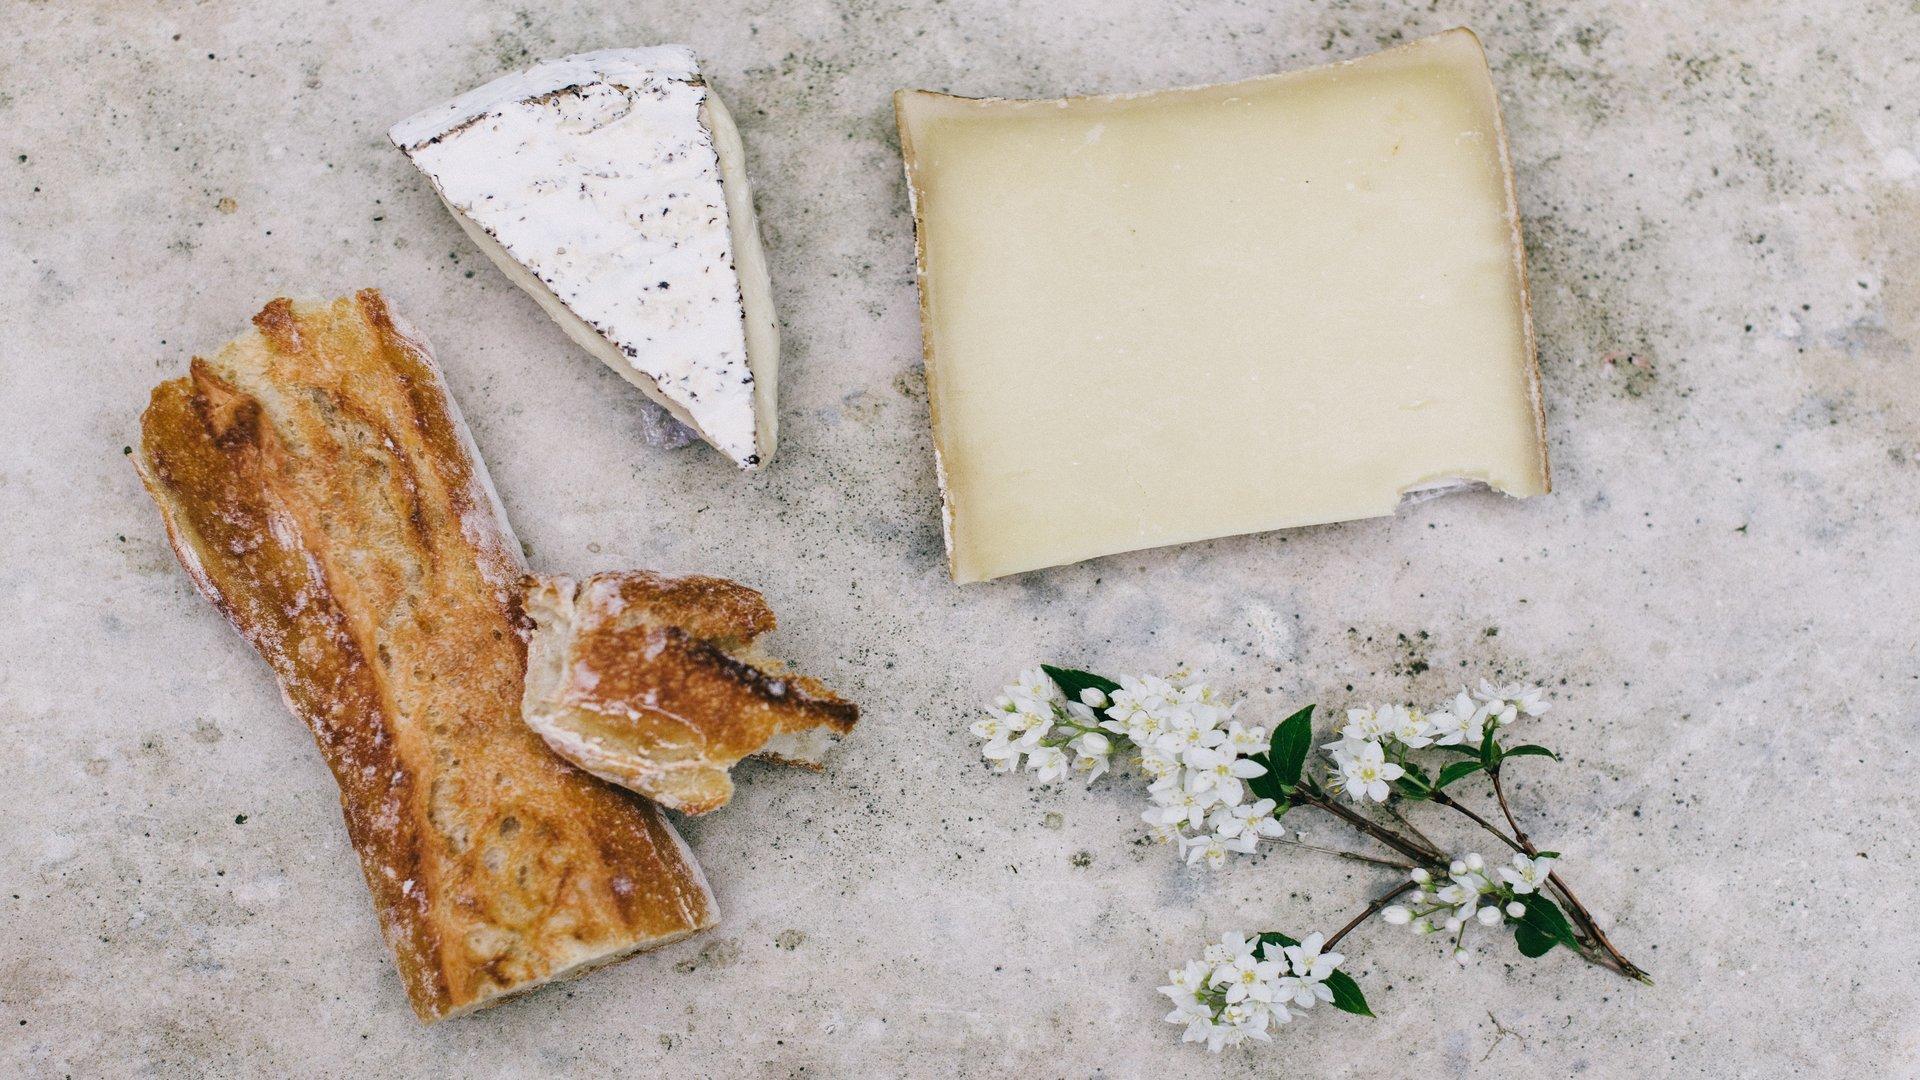 Les croûtes des fromages sont-elles comestibles?